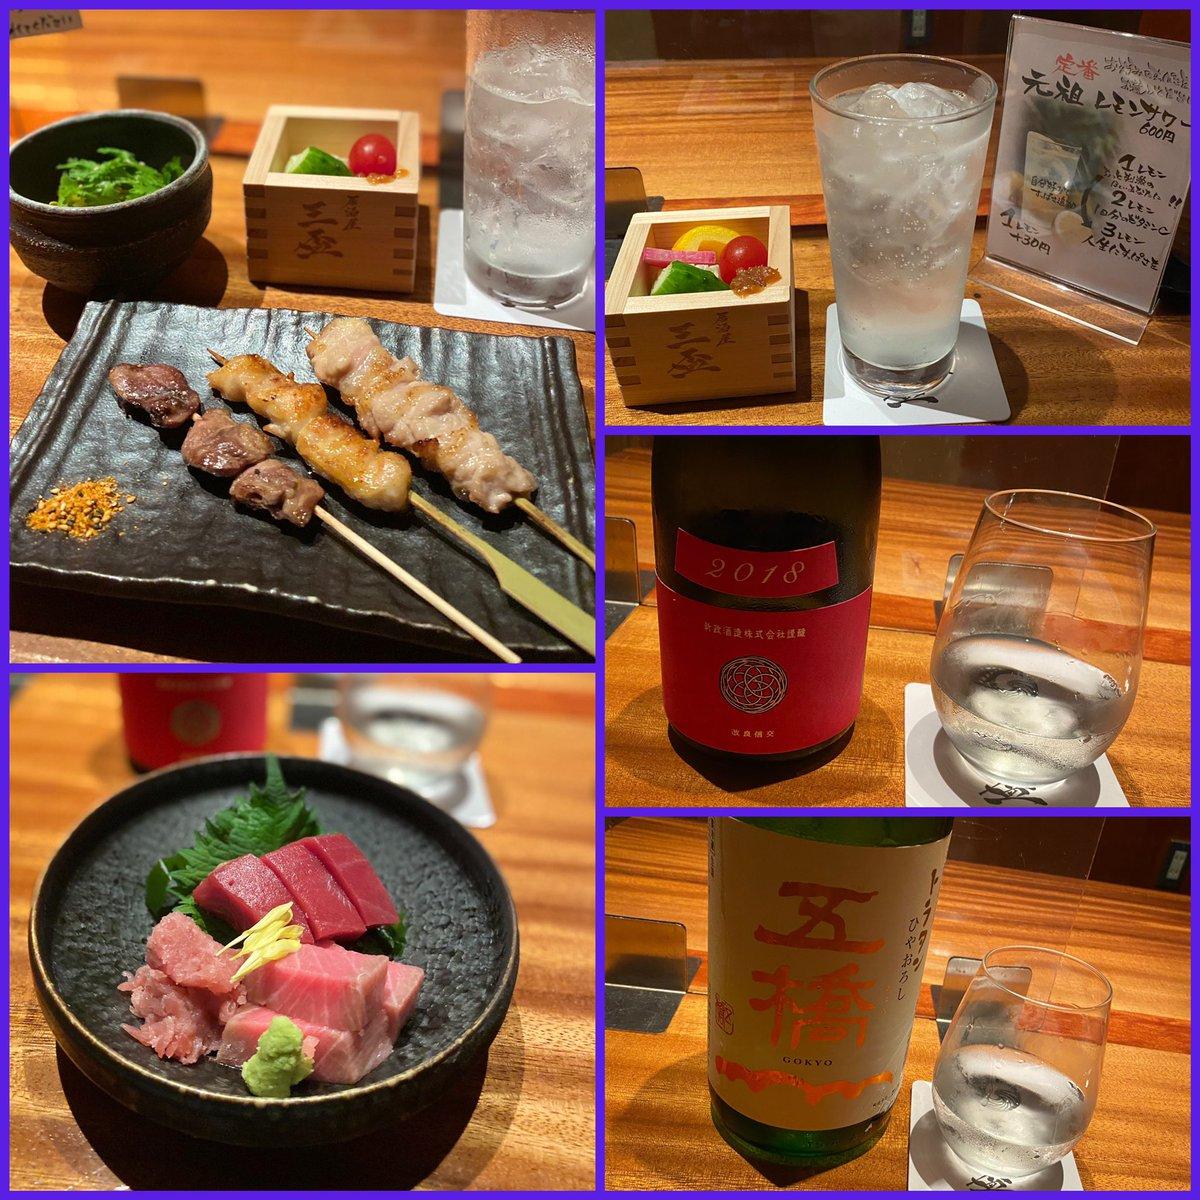 test ツイッターメディア - そして居酒屋三盃へ。 レモンサワーがウリになっていたから、サワーを飲んでからの日本酒✨  メニュー数が少なくなったものの厳選されていて、日本酒は10銘柄程度かな。パクチーもやしが継続してて嬉しい😋やま幸さんのマグロがめちゃ美味しくて、お勧めの五橋のひやおろし🍶と相性バッチリでした✨ https://t.co/Fkn1t592eU